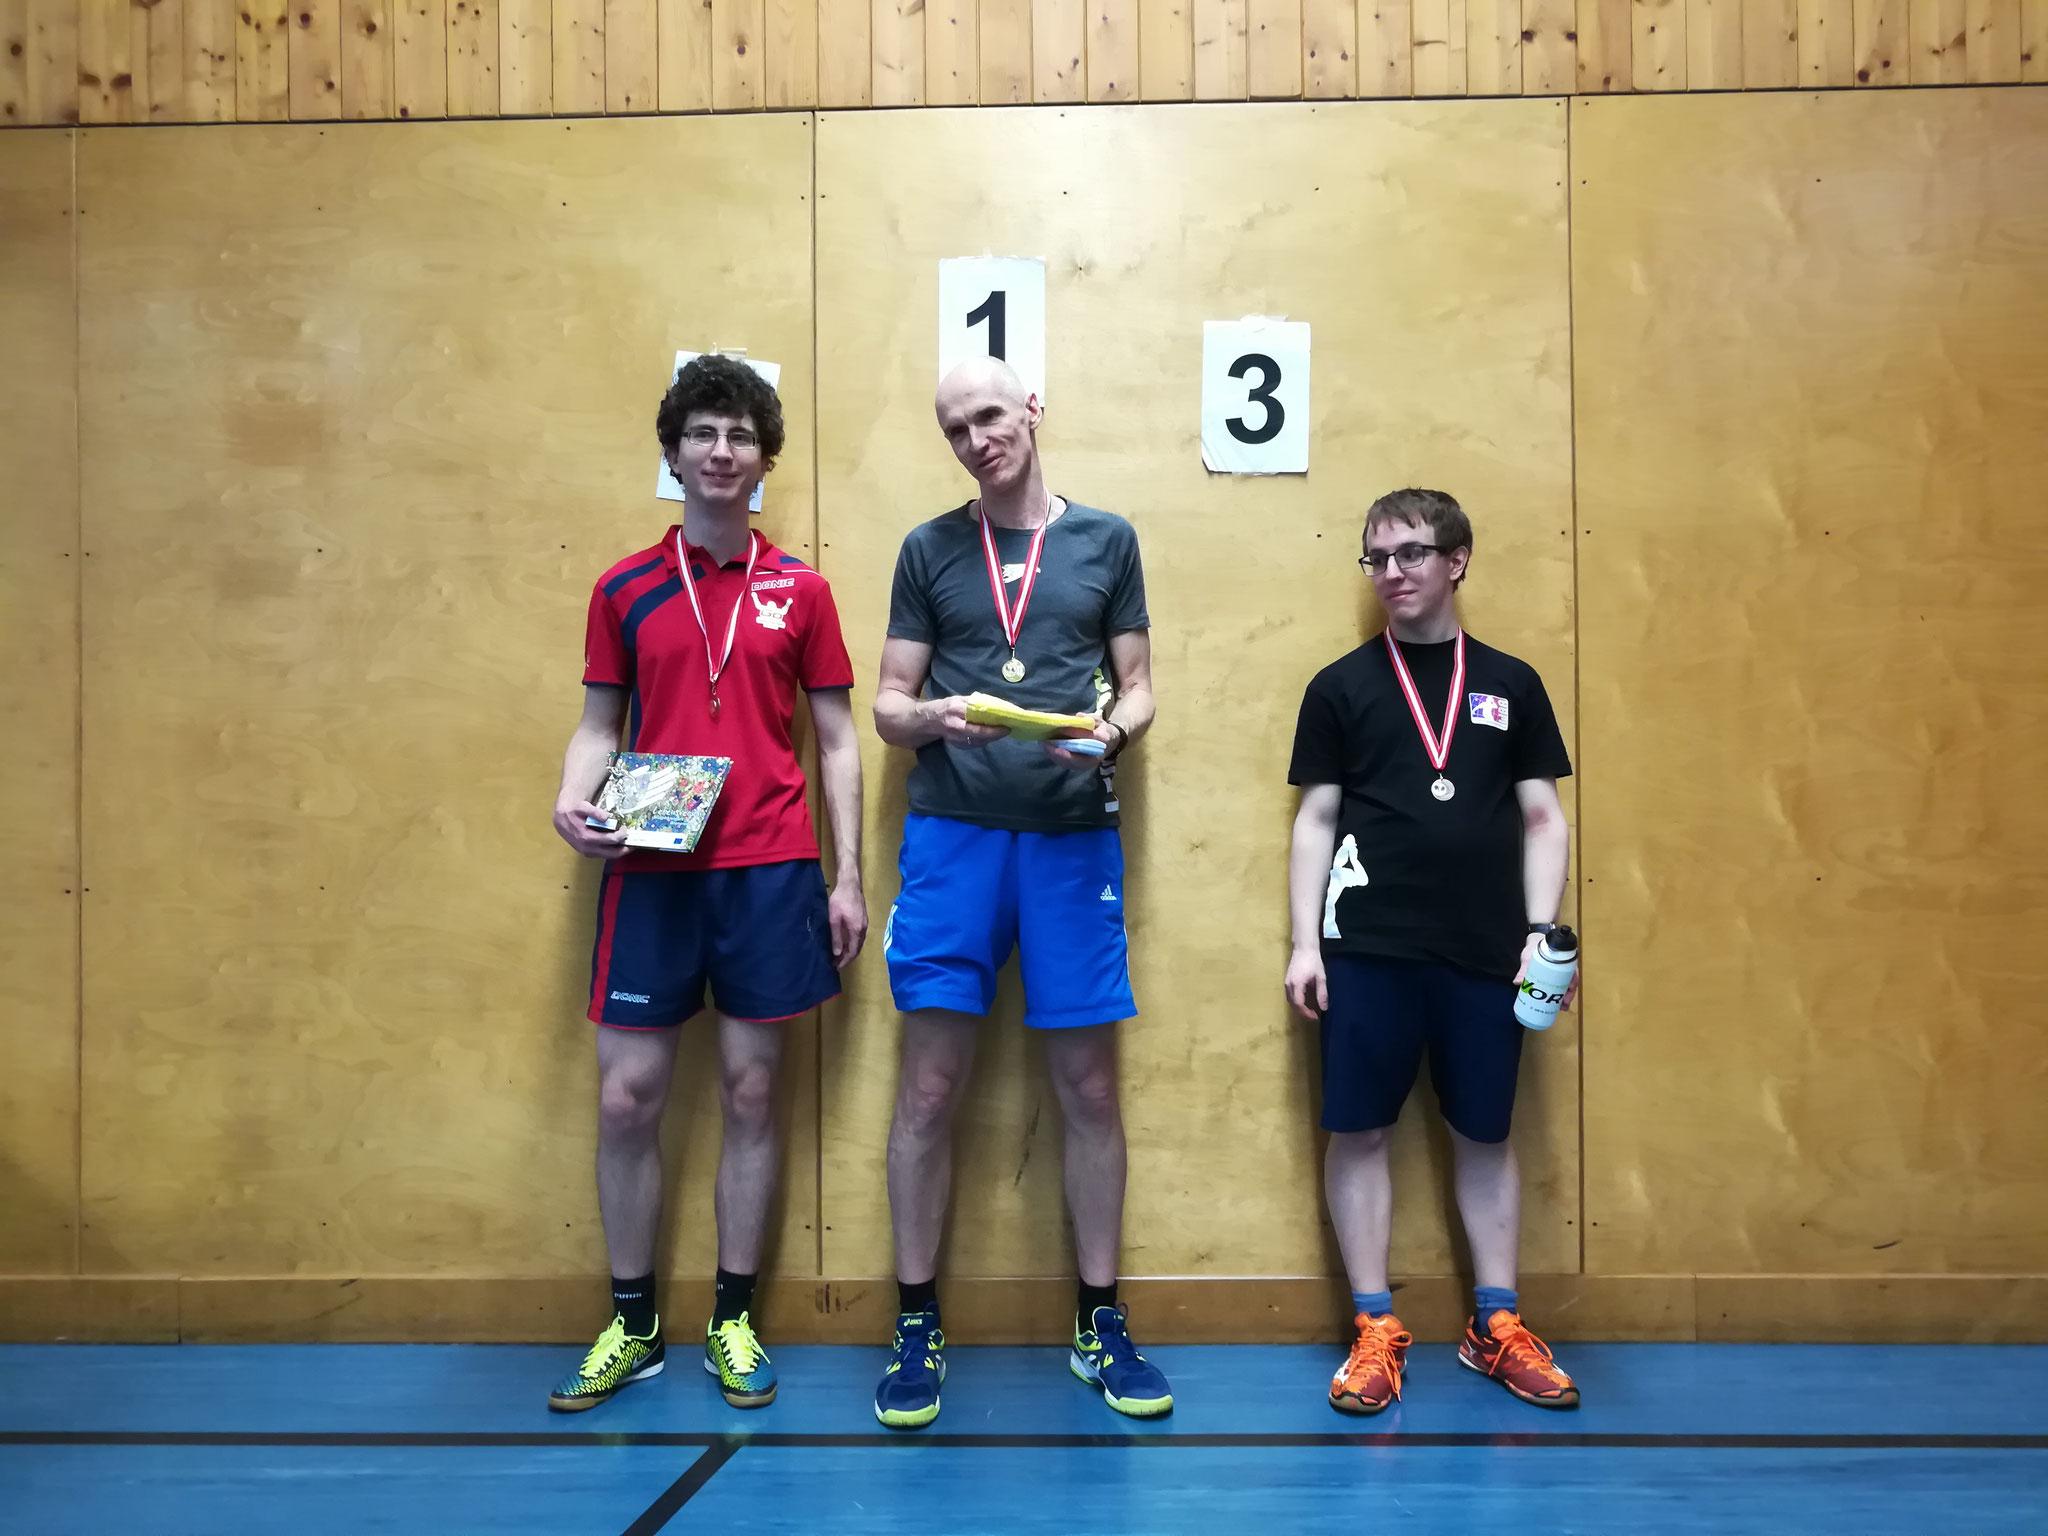 Gesamtsieger Bewerb F: v.l.n.r. Michael Holzmann (LENZ) (Platz 2), Roland Reisch (TULL) (Sieger), Lukas Ruhedorffer (OLY) (Platz 3)